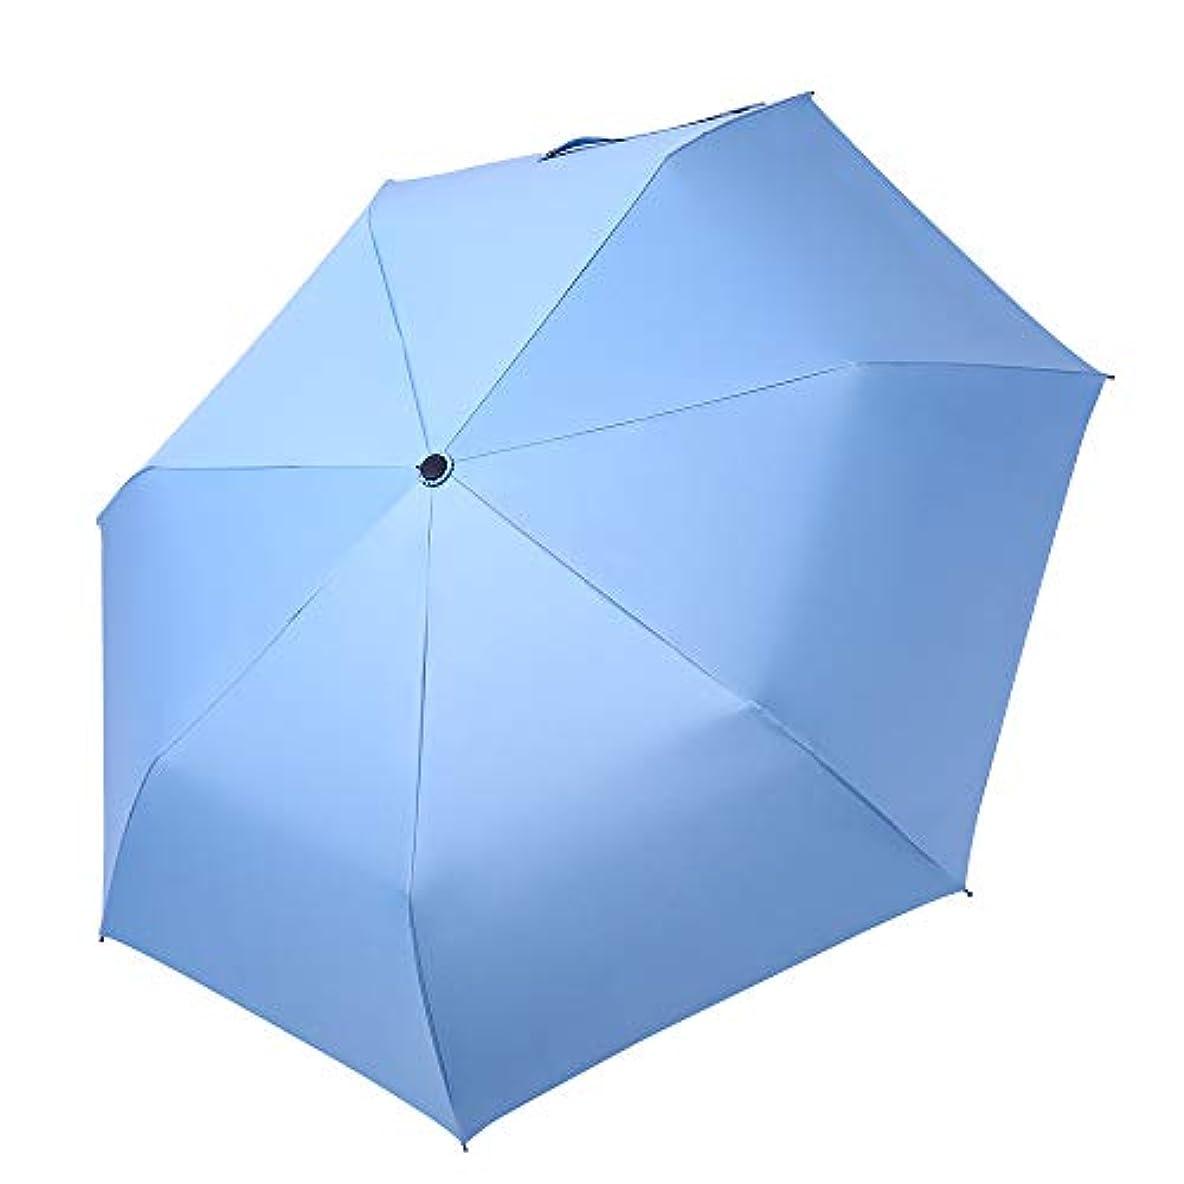 子供っぽい着替える寝る自動傘、密集した旅行の傘-10 の肋骨の最高の携帯用防風の傘、補強したおおい、人間工学的のハンドル